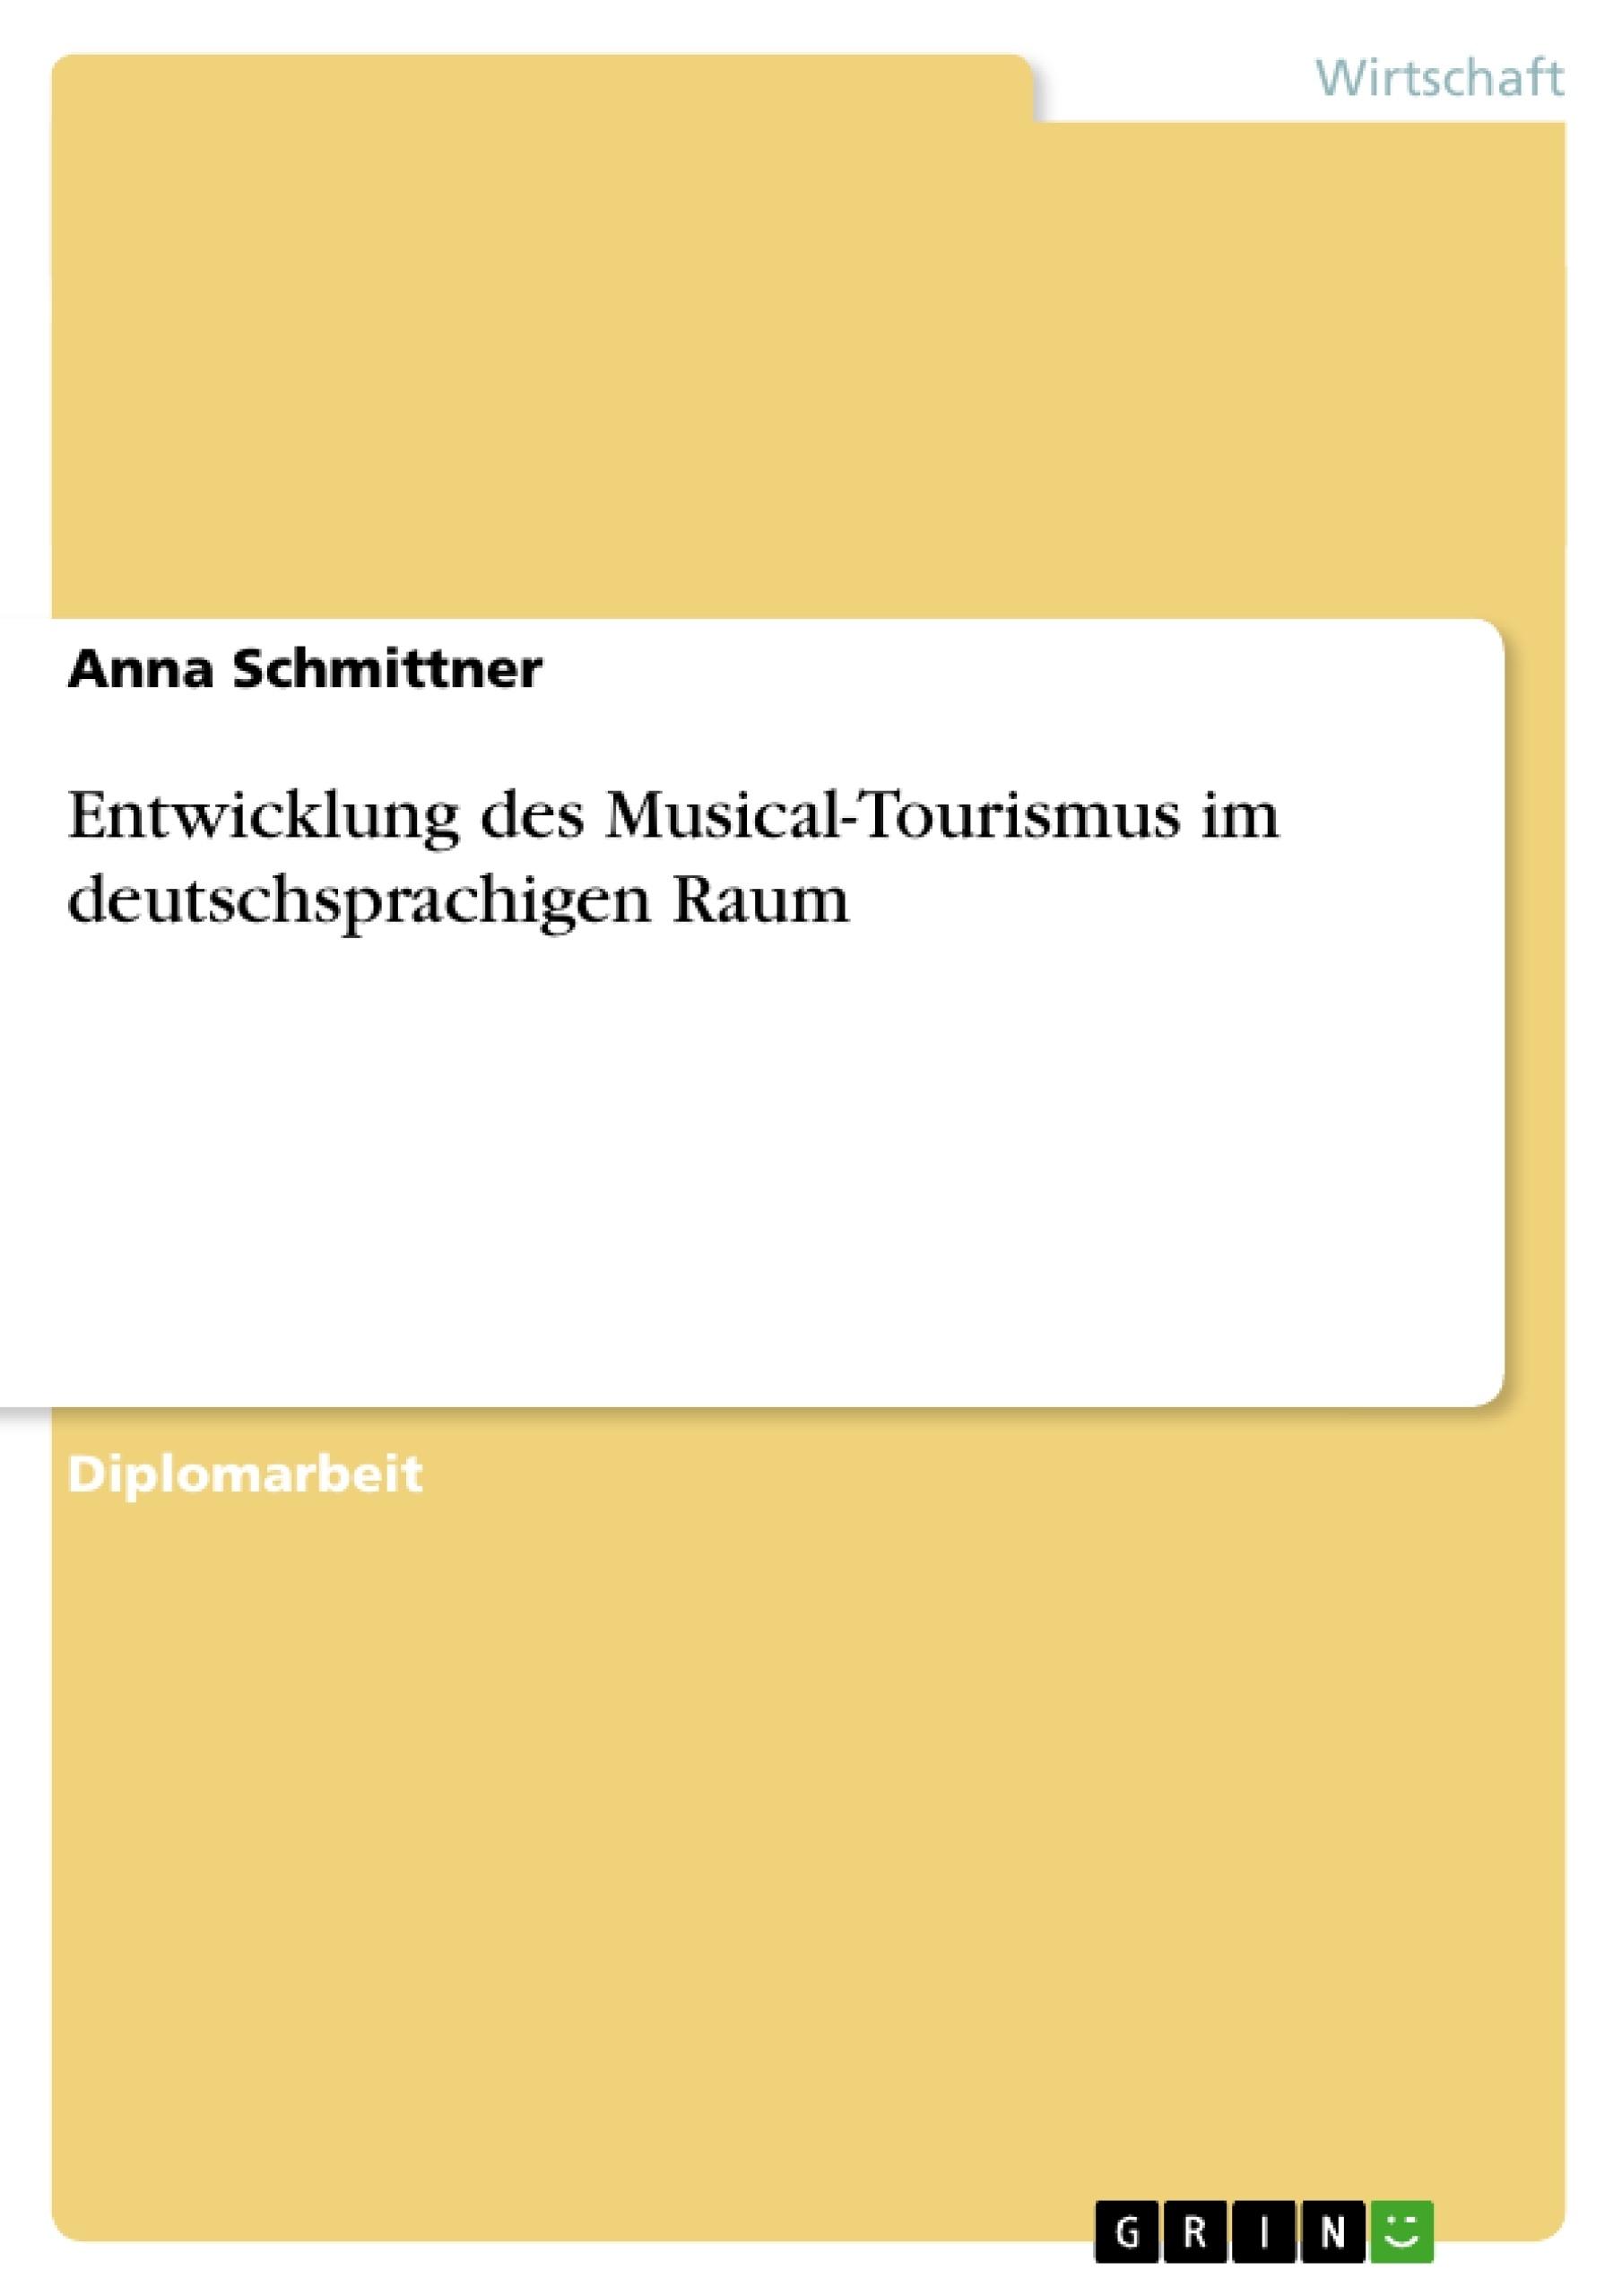 Titel: Entwicklung des Musical-Tourismus im deutschsprachigen Raum